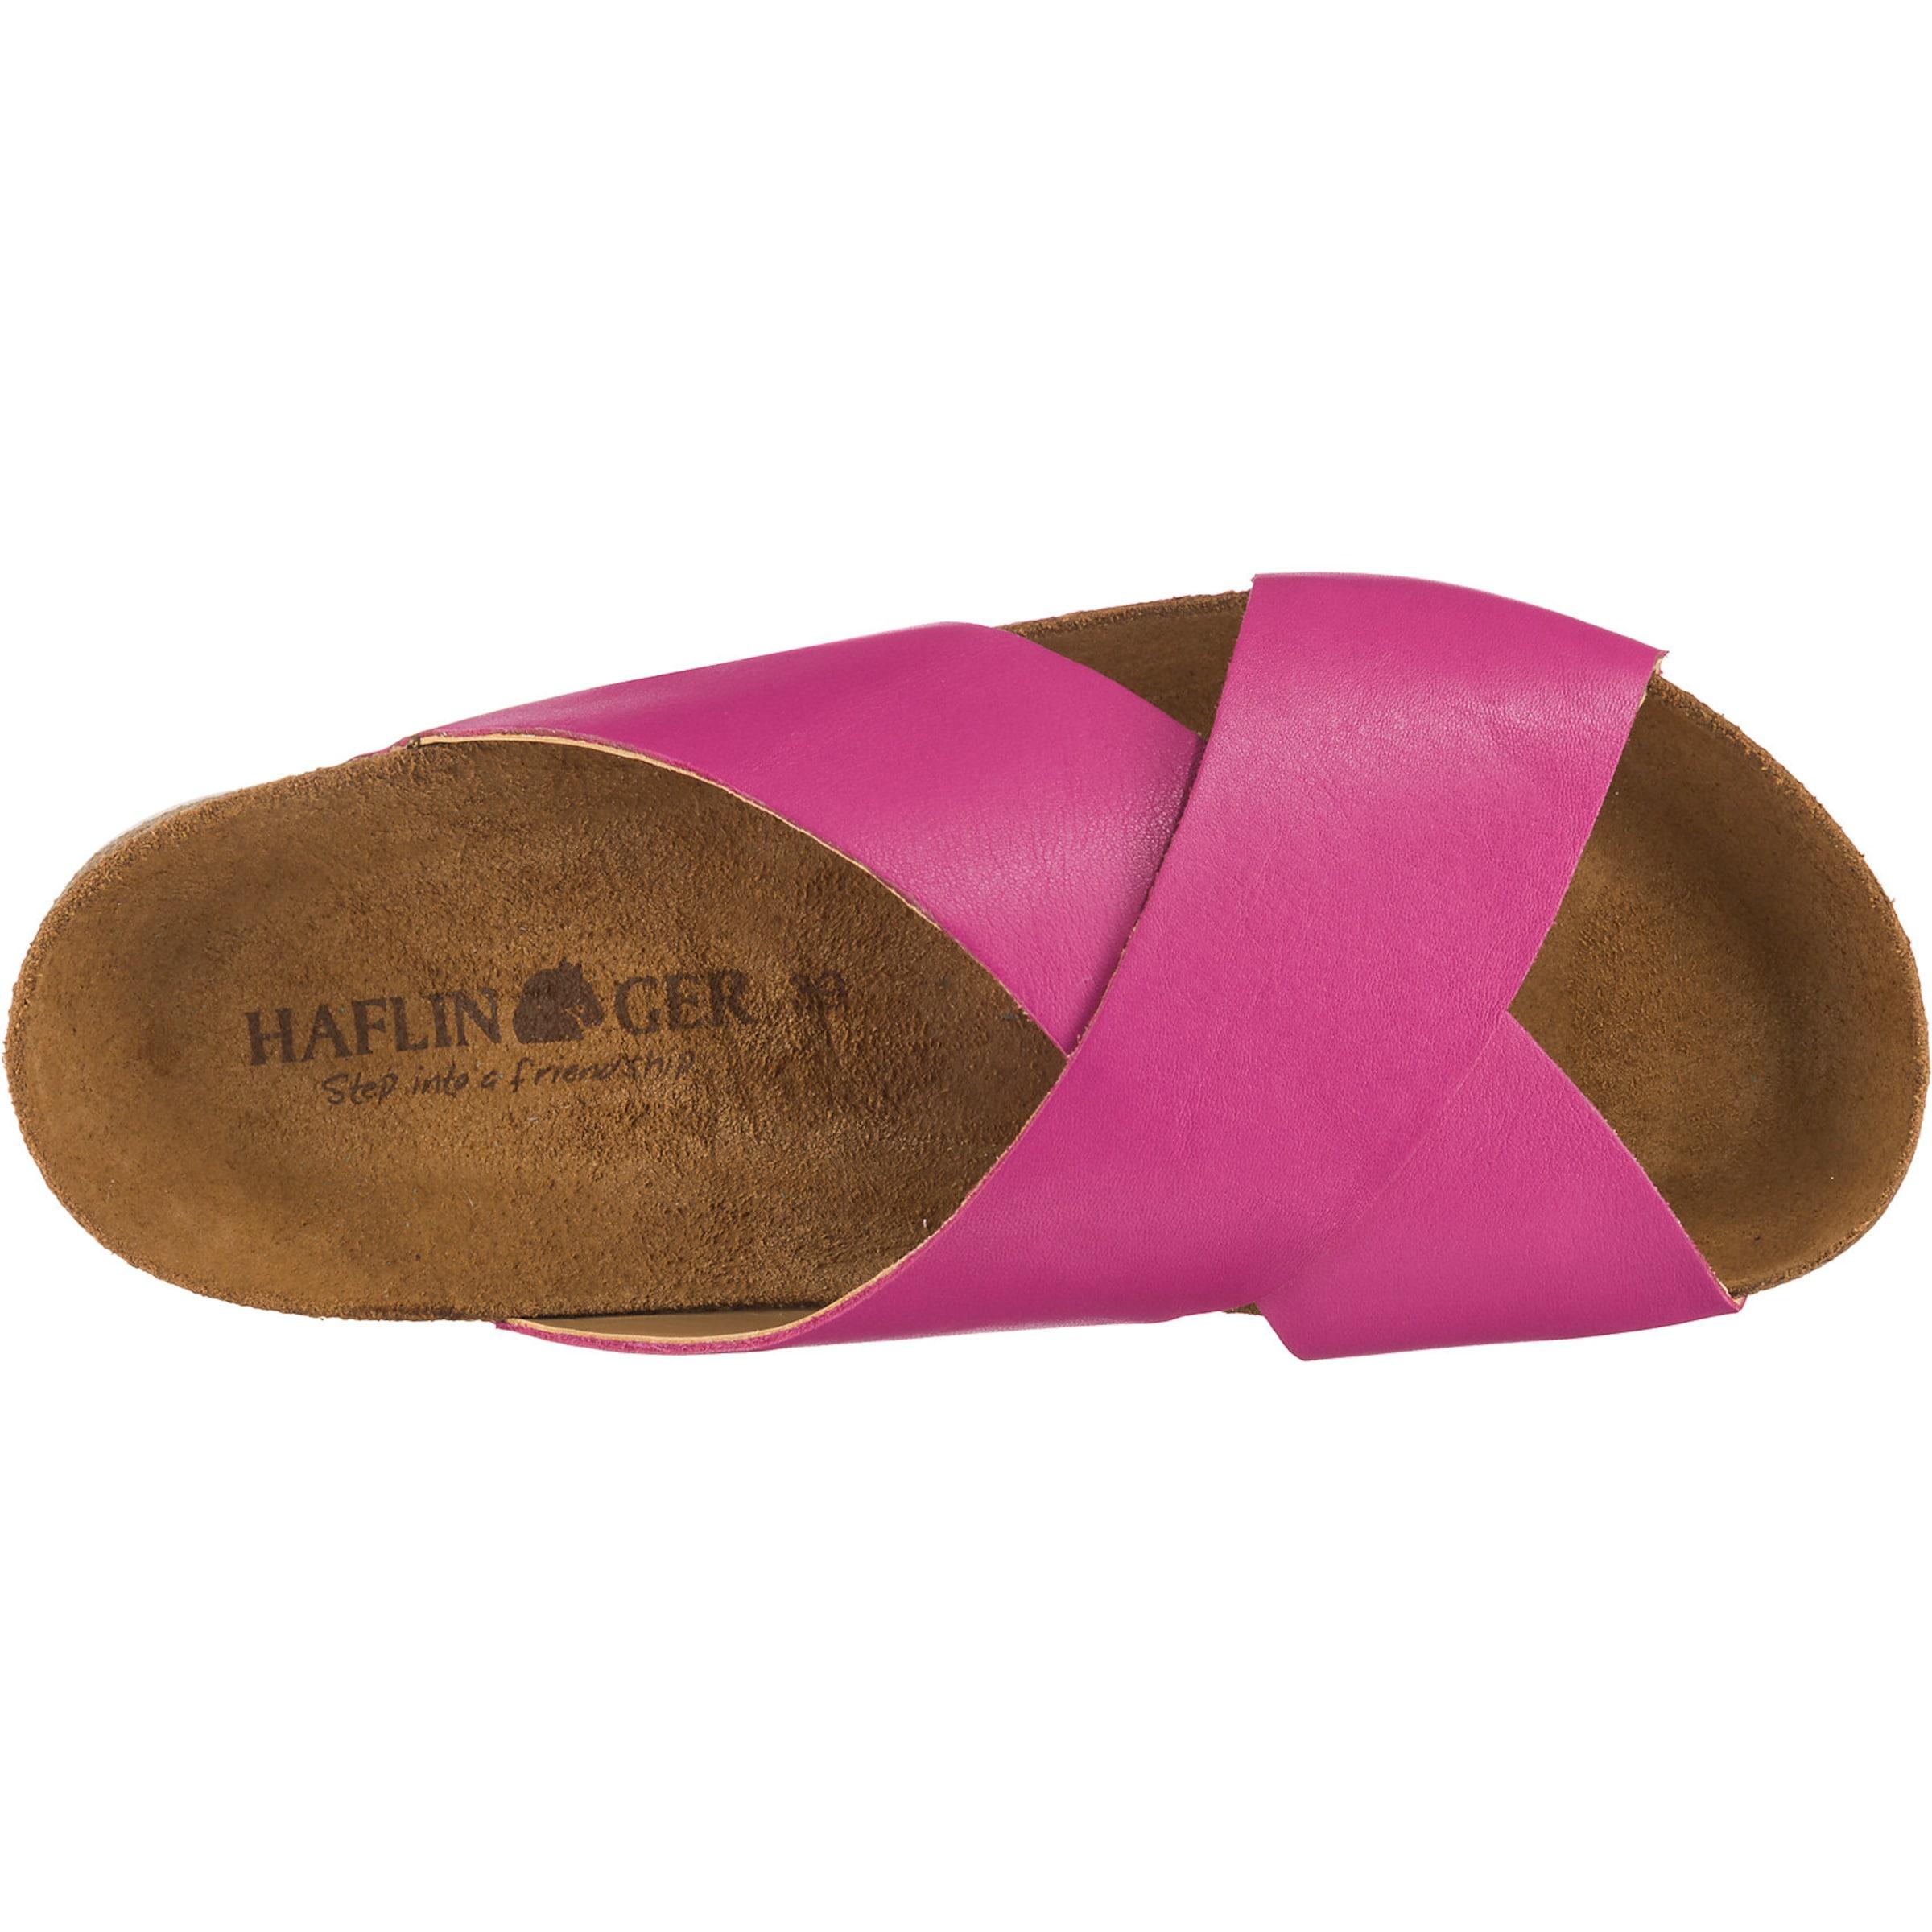 Pink Haflinger Pantoletten 'mio' In Pantoletten Haflinger 2IHYWED9